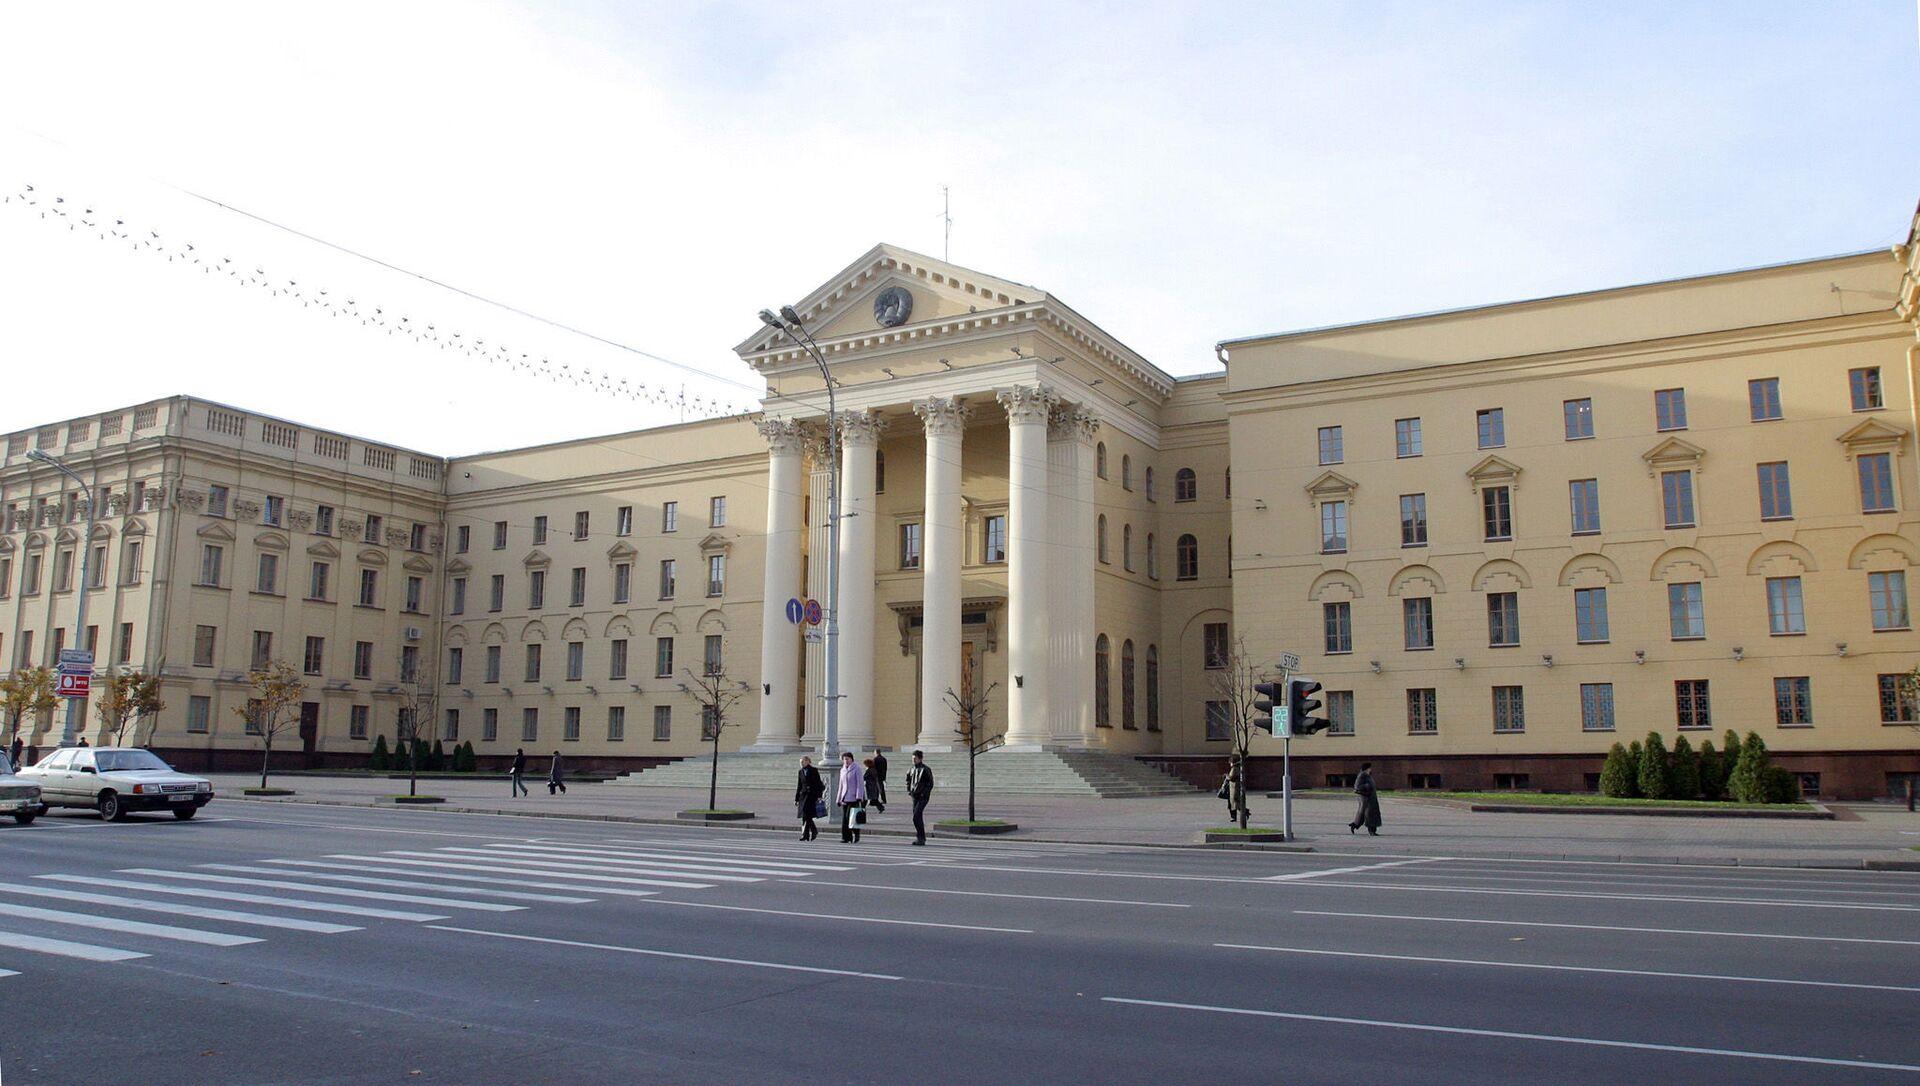 Ủy ban An ninh Nhà nước (KGB) Belarus - Sputnik Việt Nam, 1920, 30.04.2021